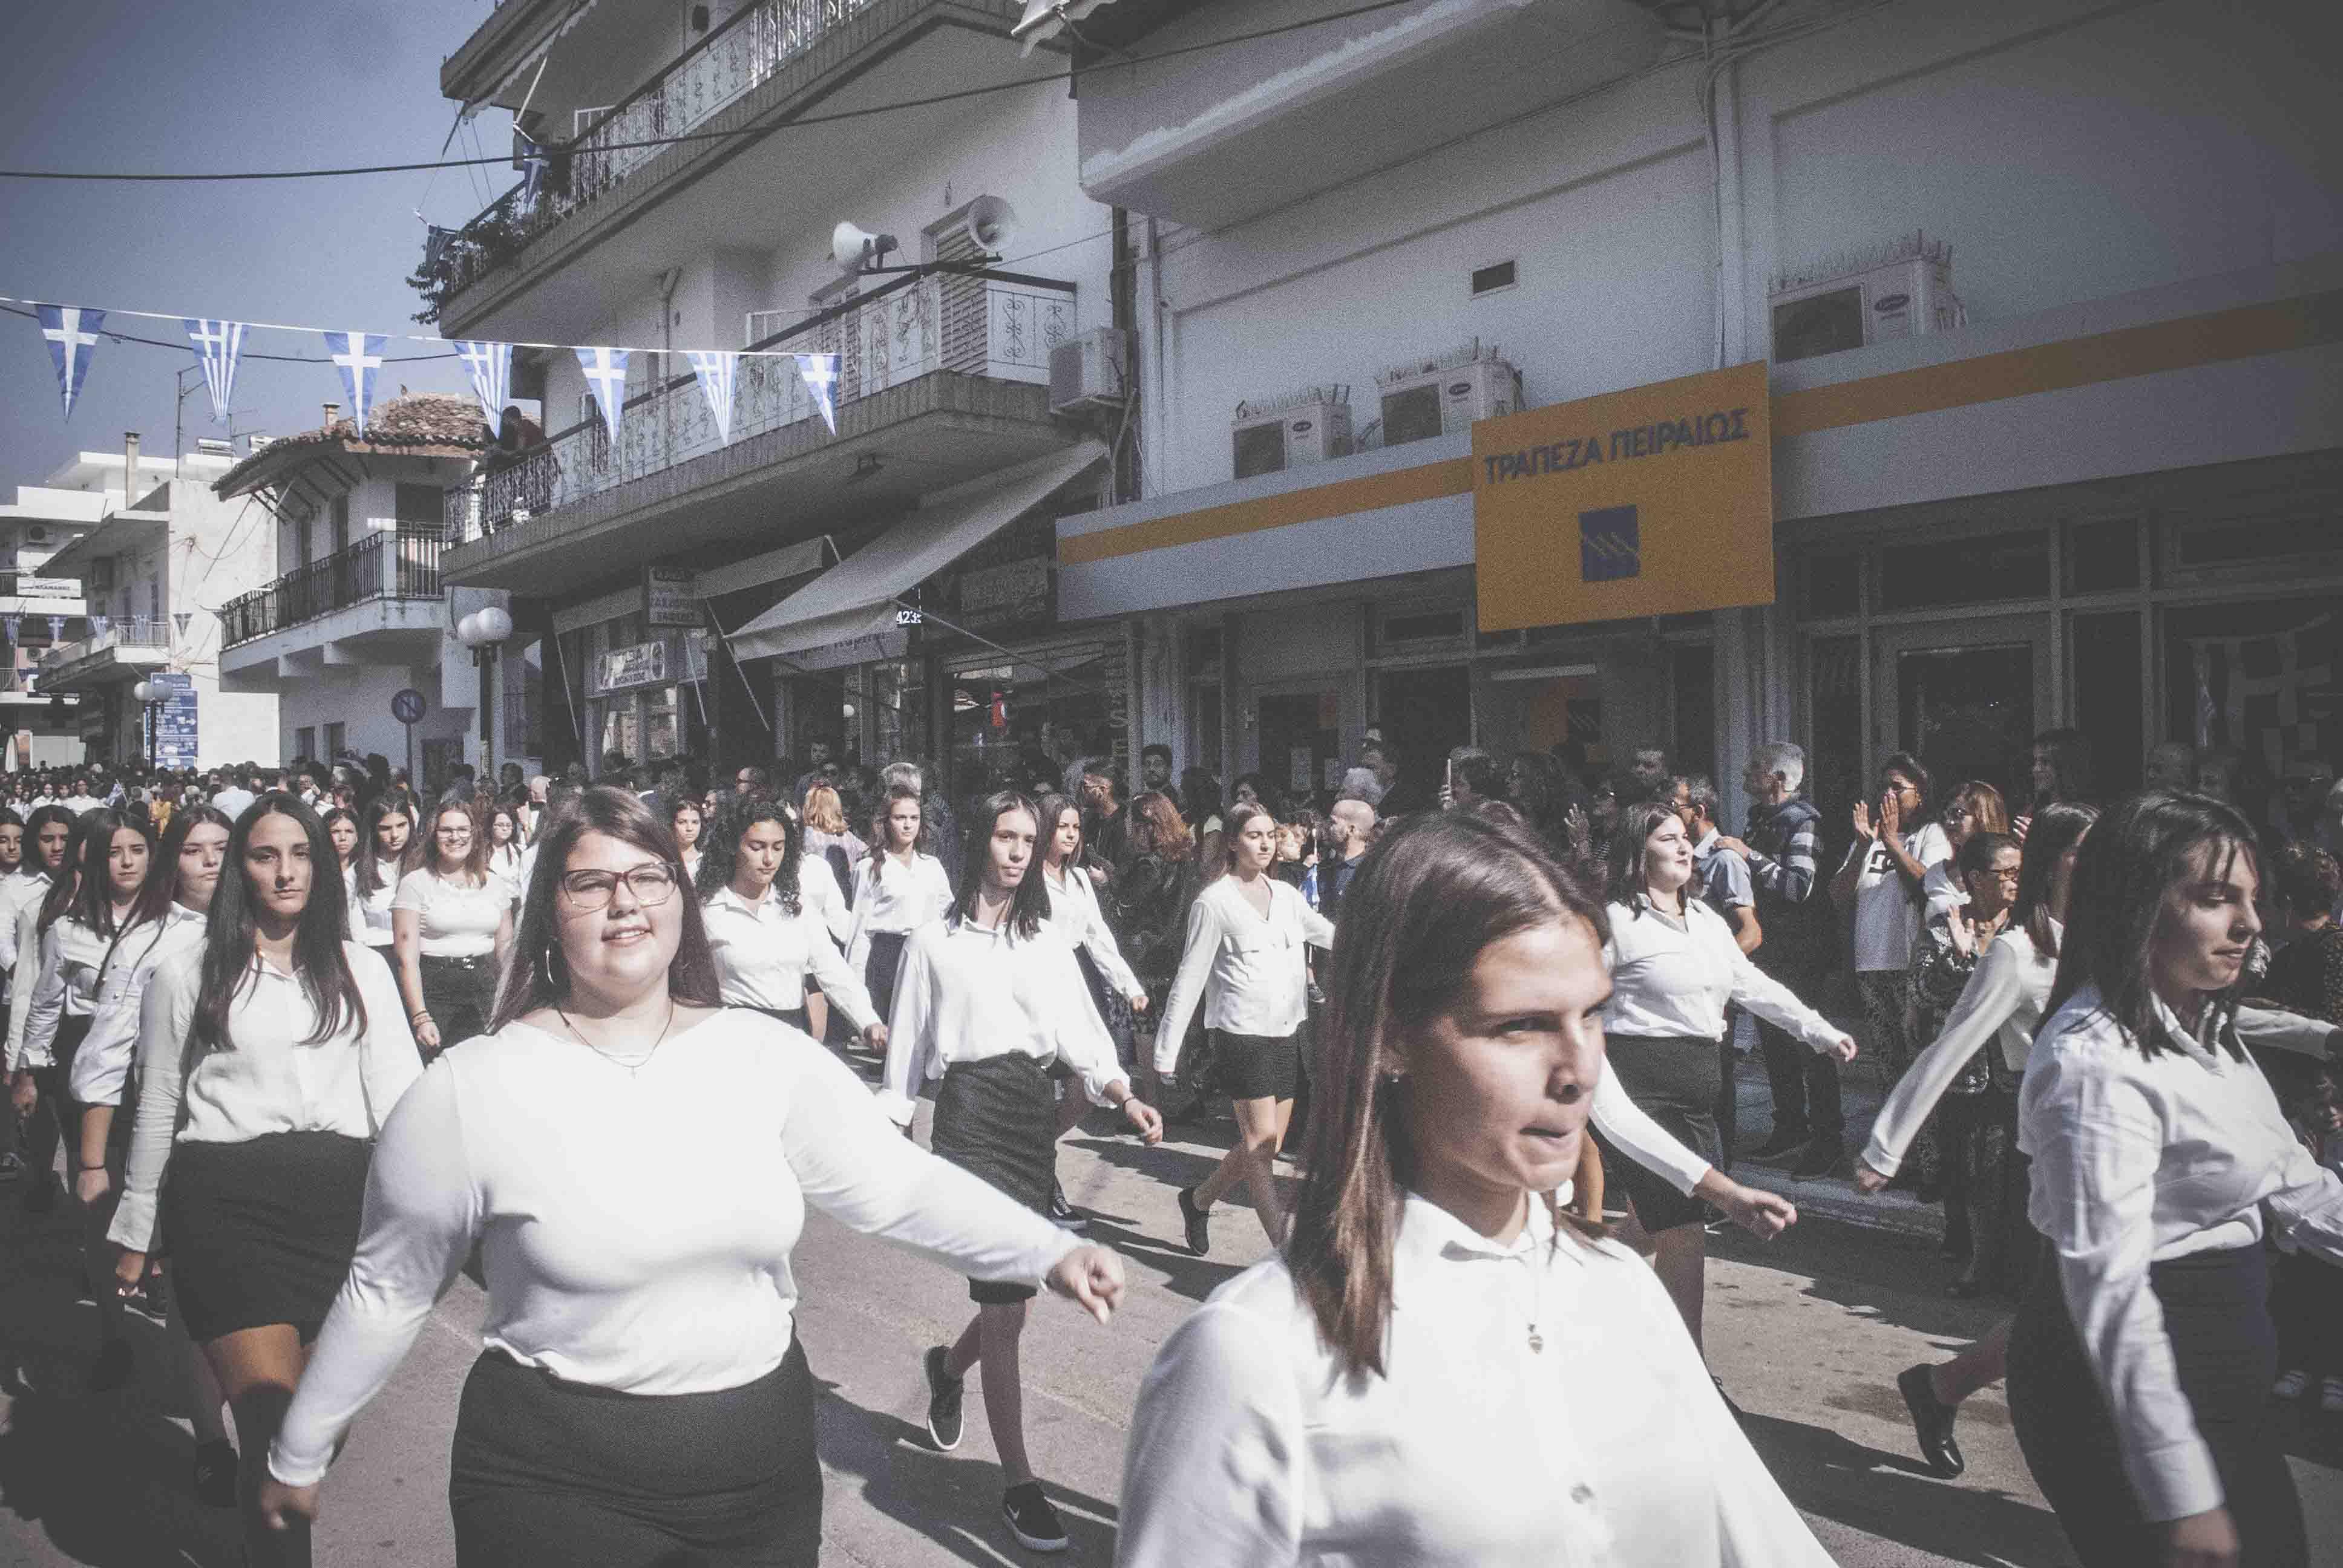 Φωτογραφικό υλικό από την παρέλαση στα Ψαχνά Φωτογραφικό υλικό από την παρέλαση στα Ψαχνά DSC 0415